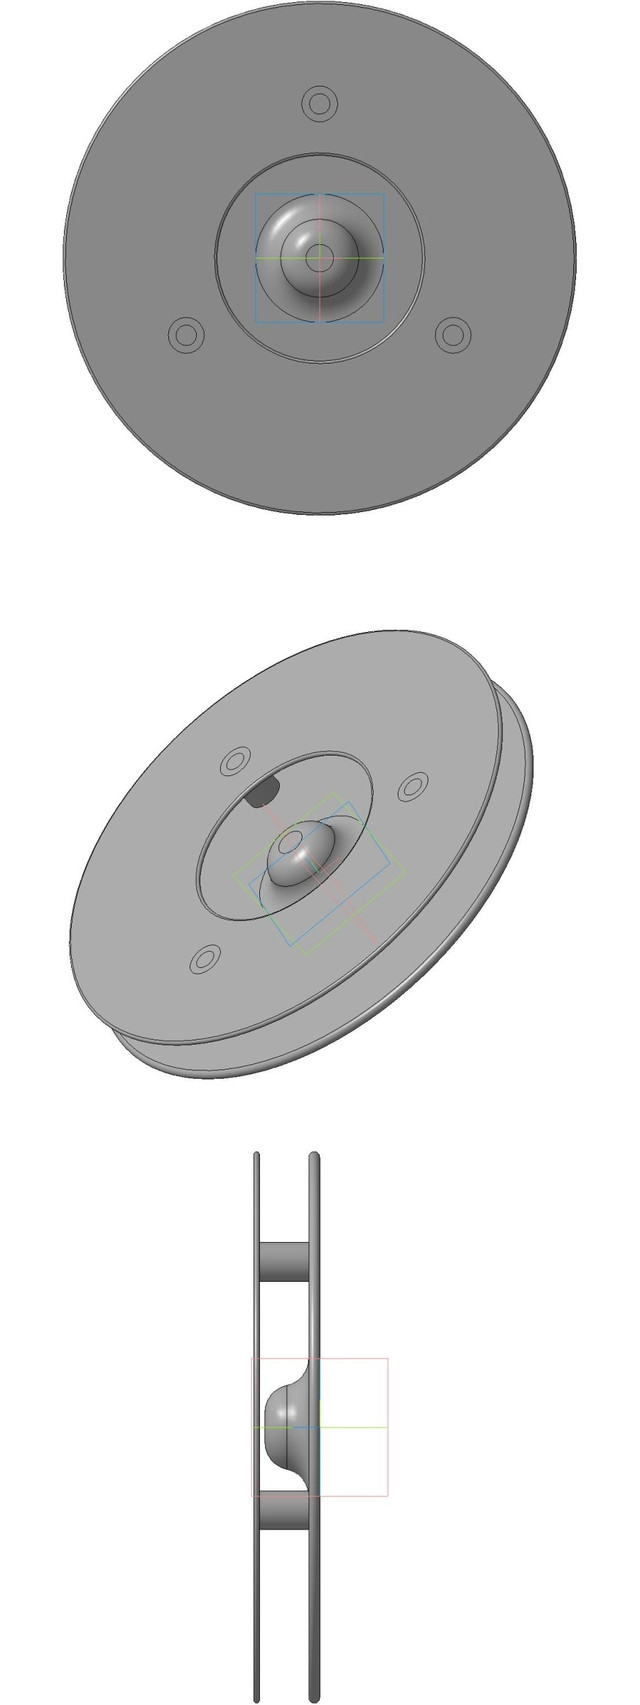 Рабочее колесо дискового насоса.